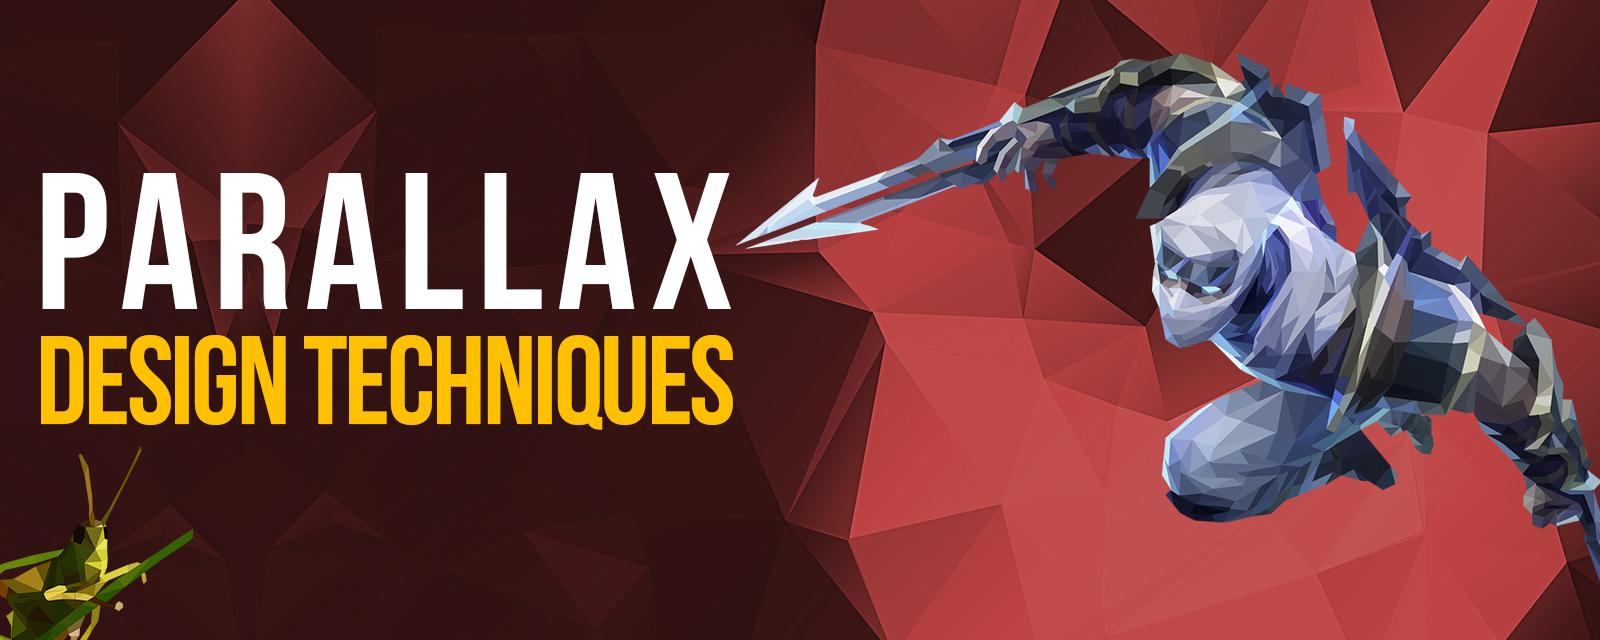 parallax design blogs cover